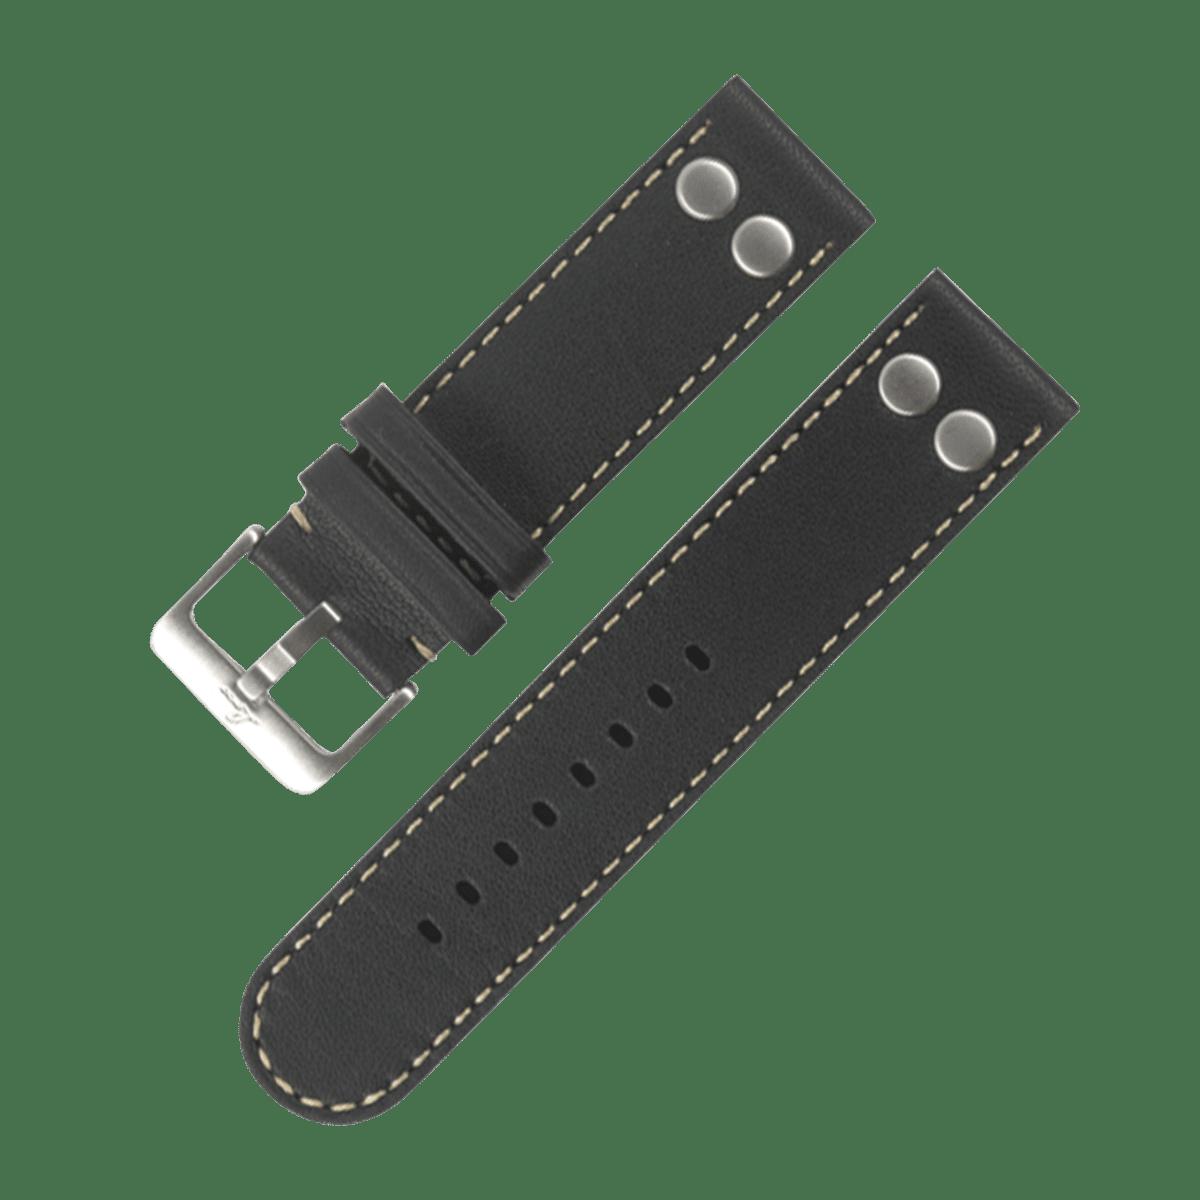 Fliegerband XL 22 mm